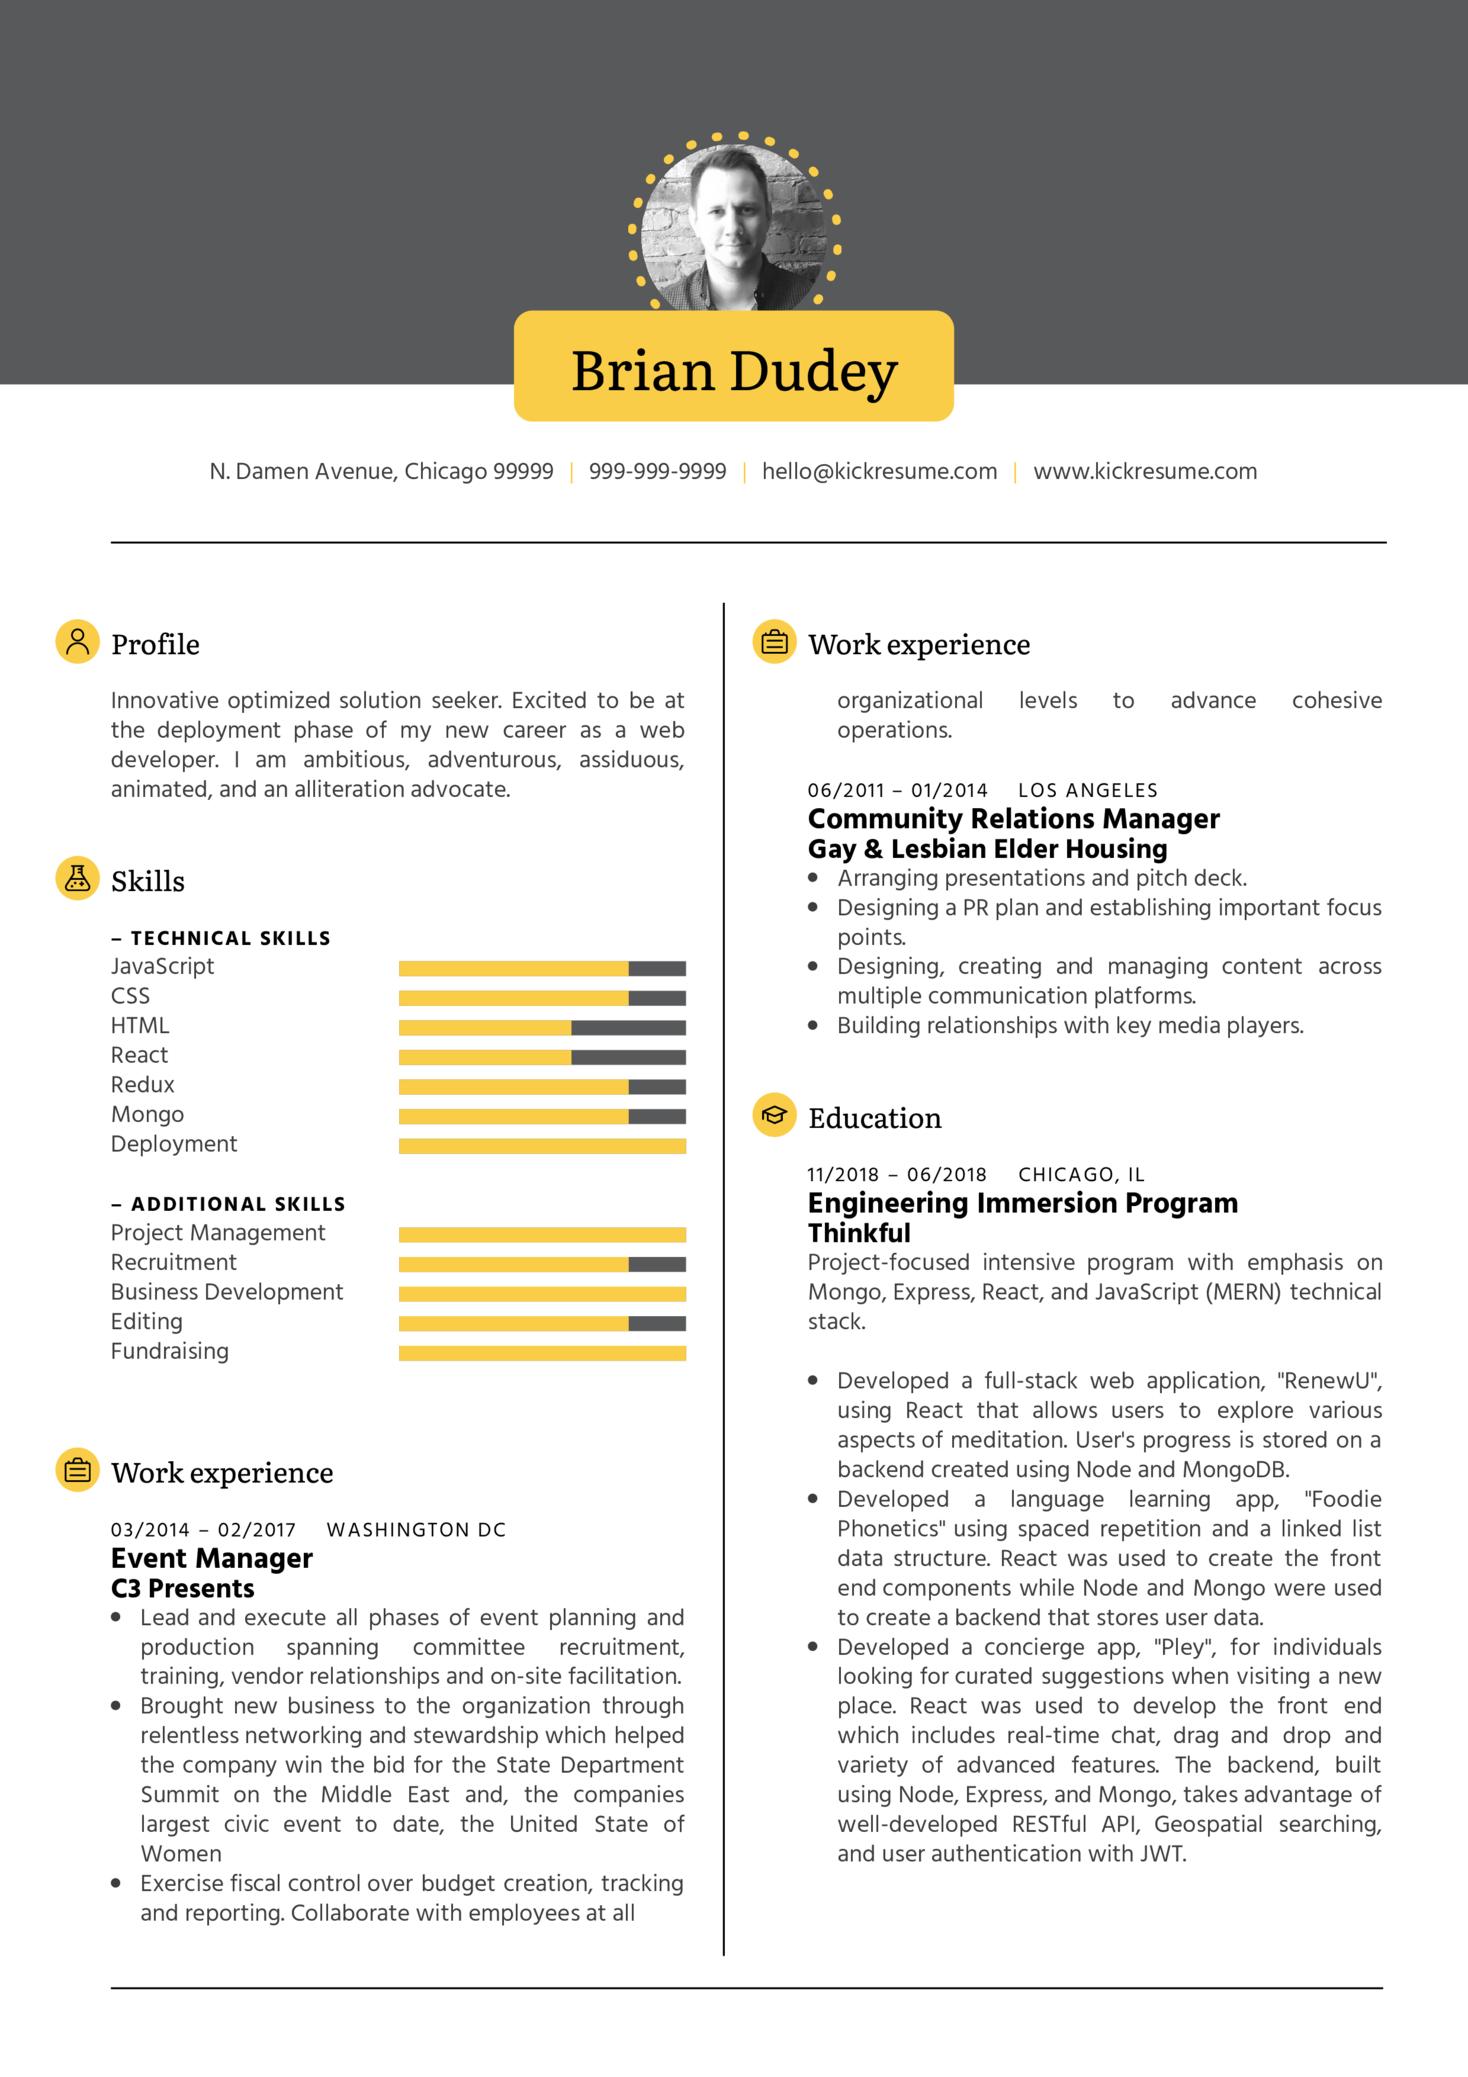 Full Stack Developer CV Sample (Part 1)